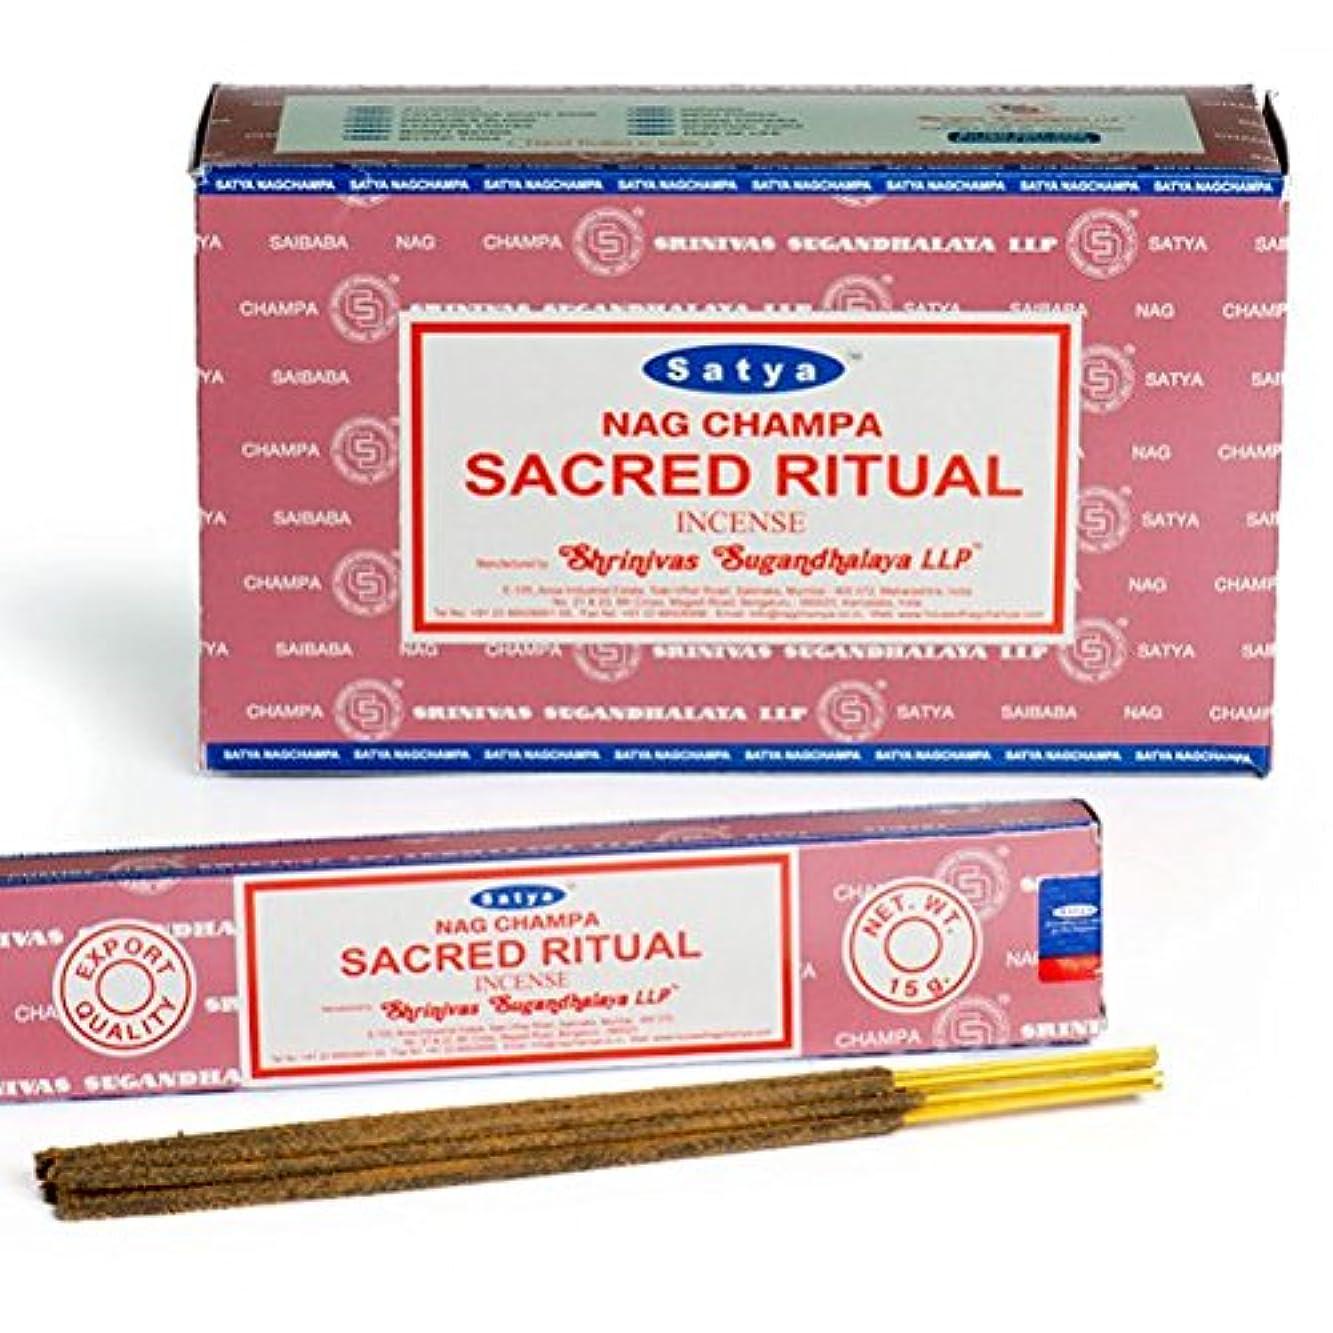 対角線司教ミトンSatya Nag Champa Sacred Ritual お香スティック Agarbatti 180グラムボックス   15グラム入り12パック 箱入り   輸出品質